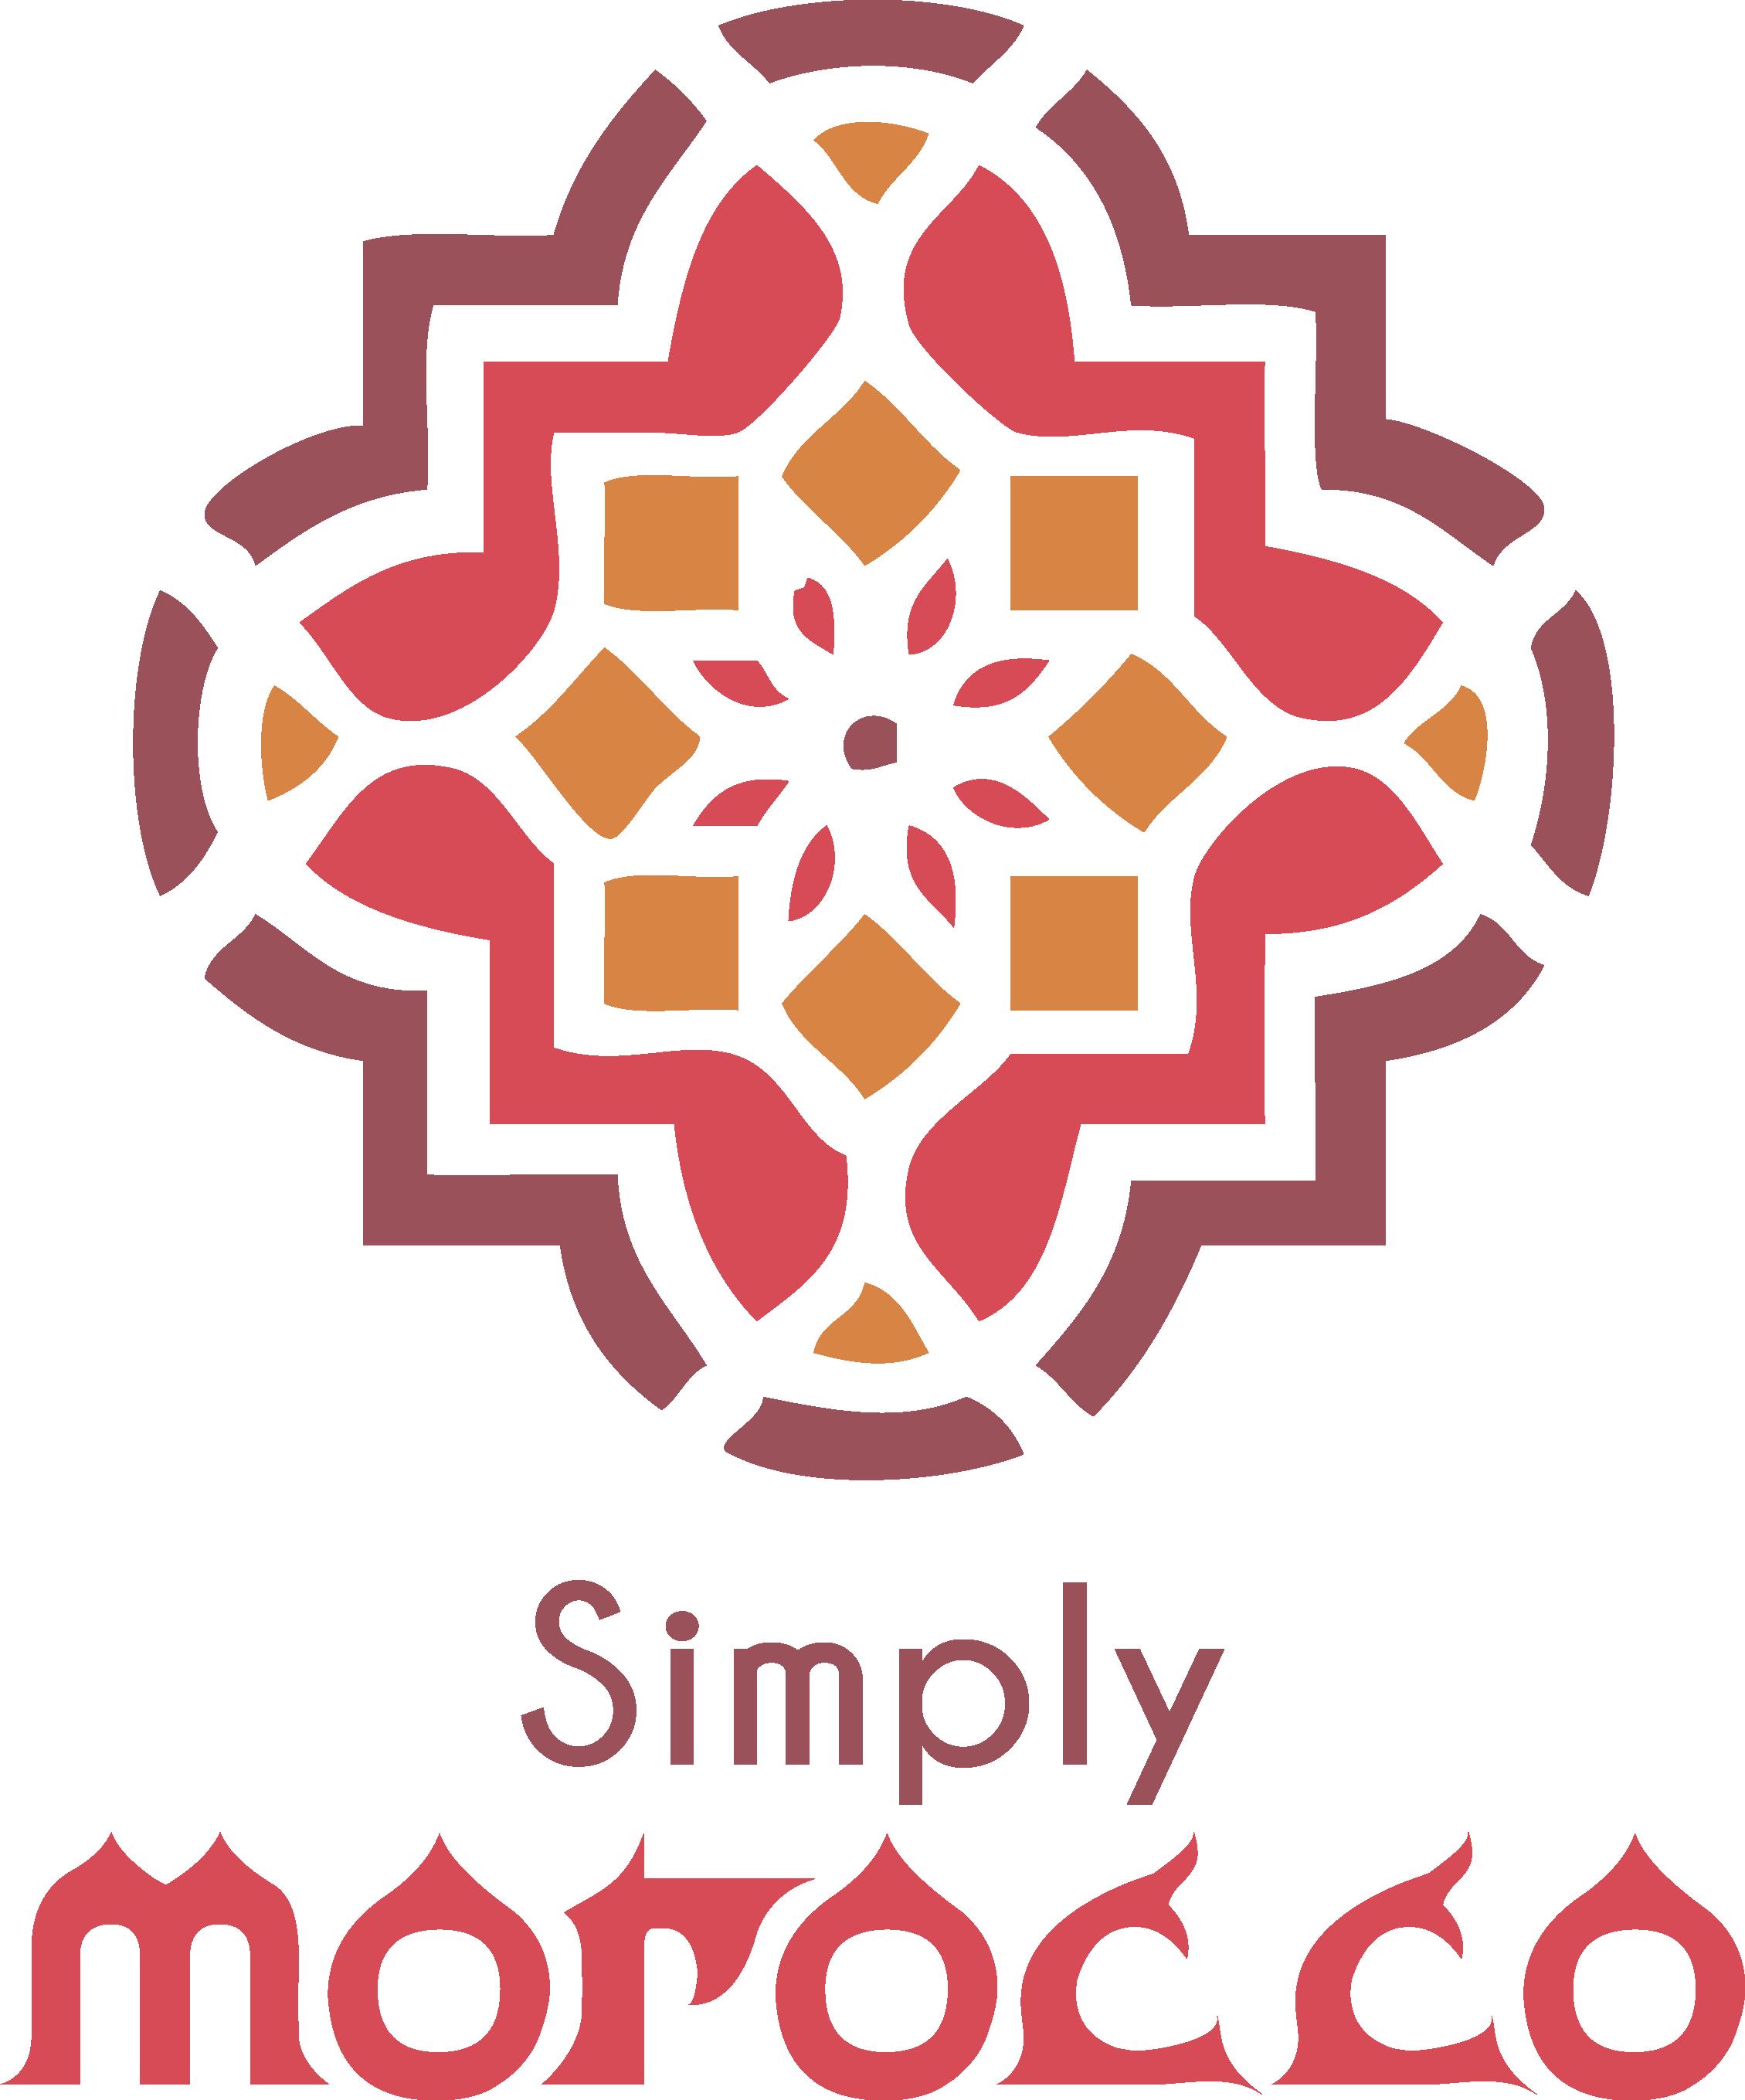 simply morocco logo